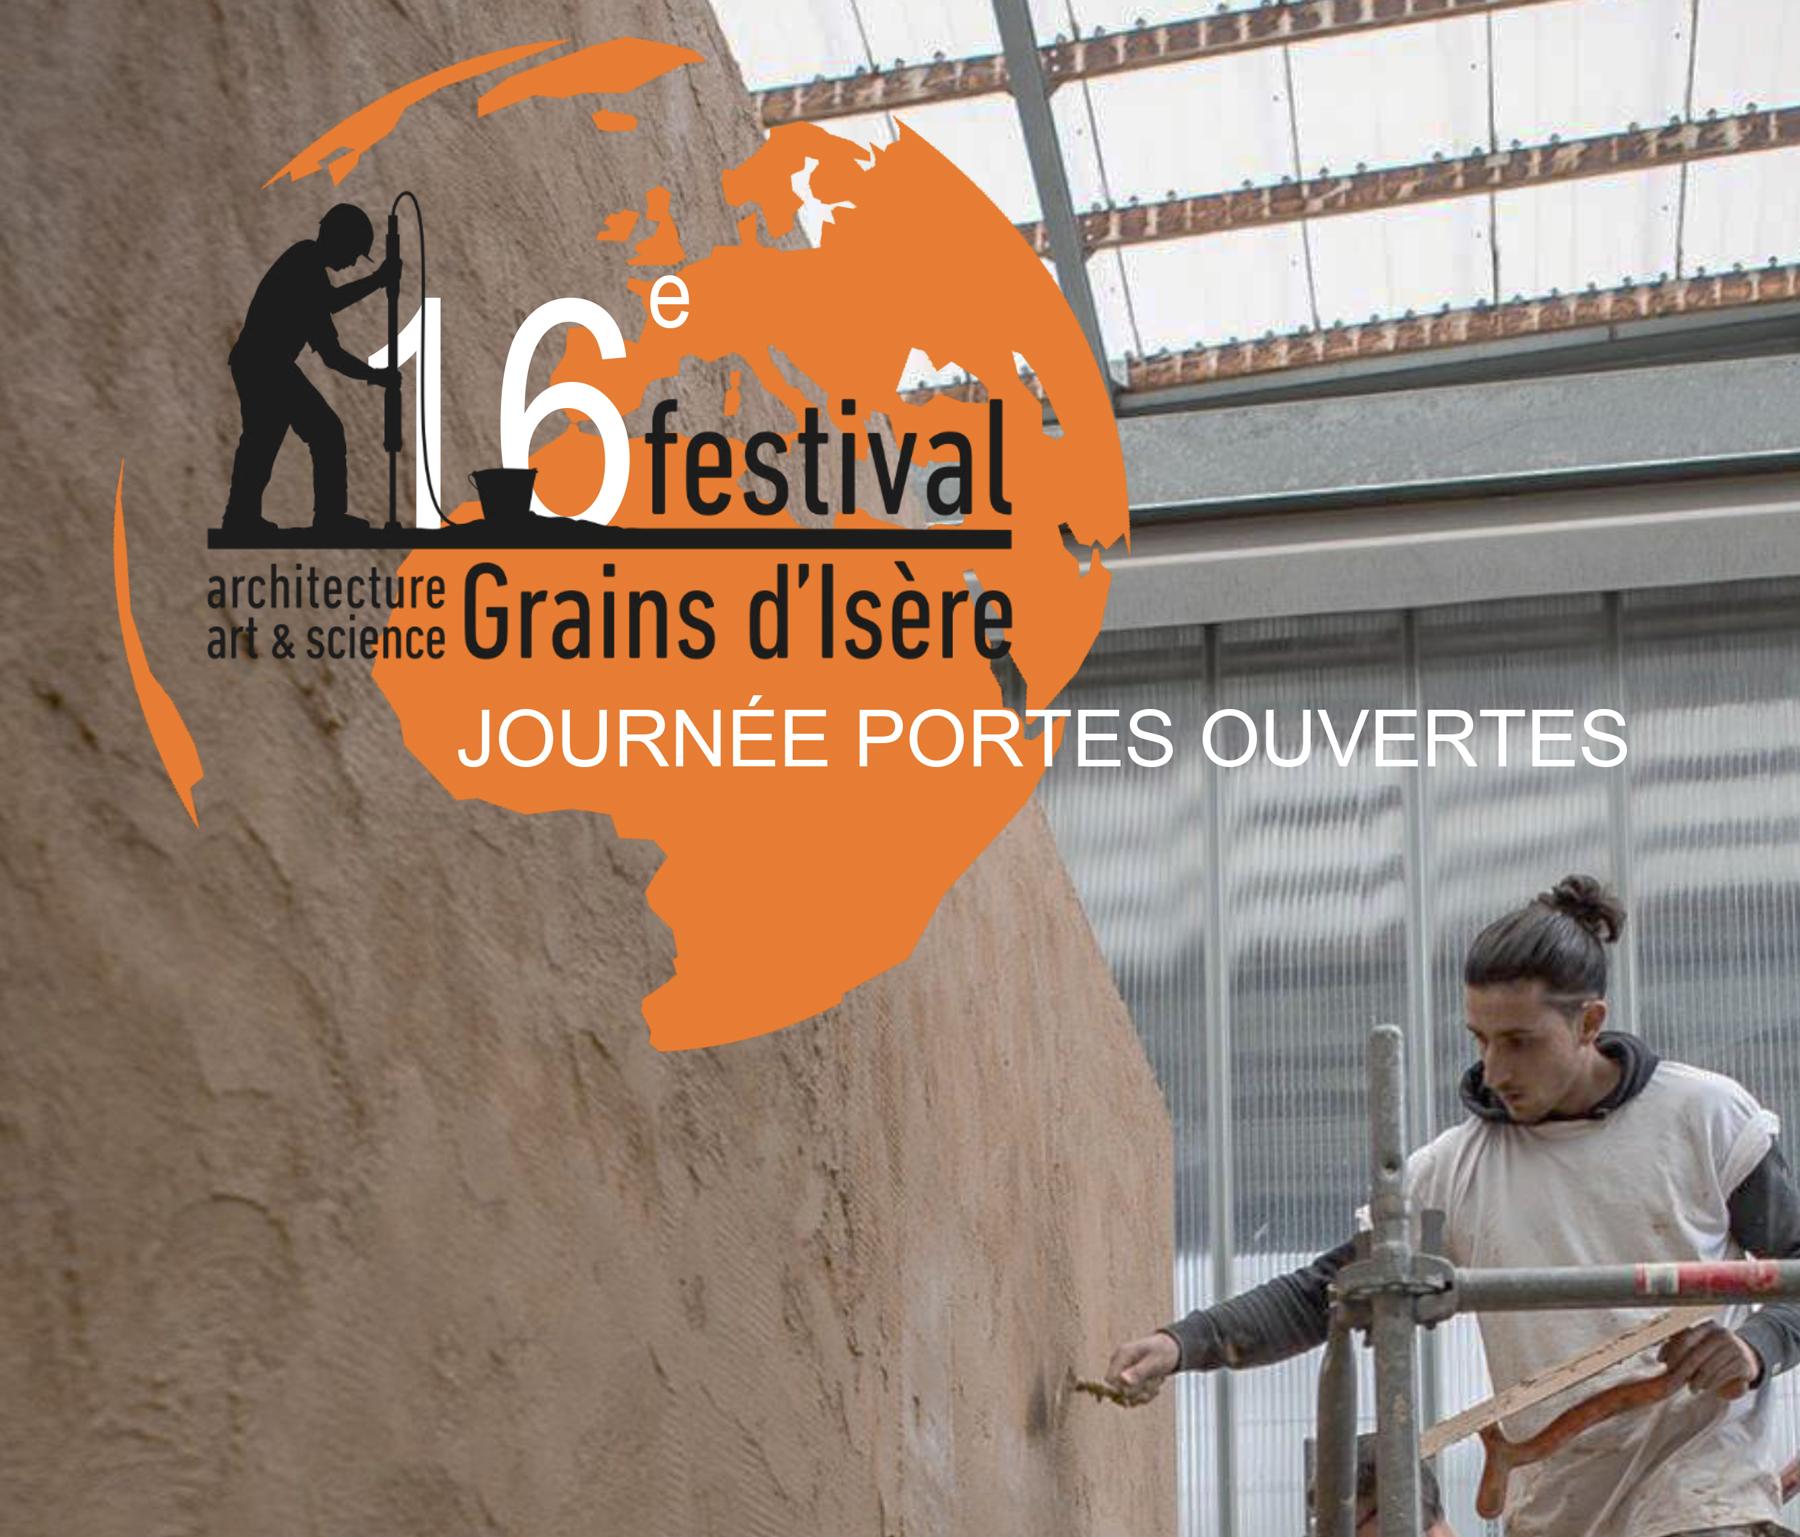 16ème Festival Grains d'Isère, architecture, art et science